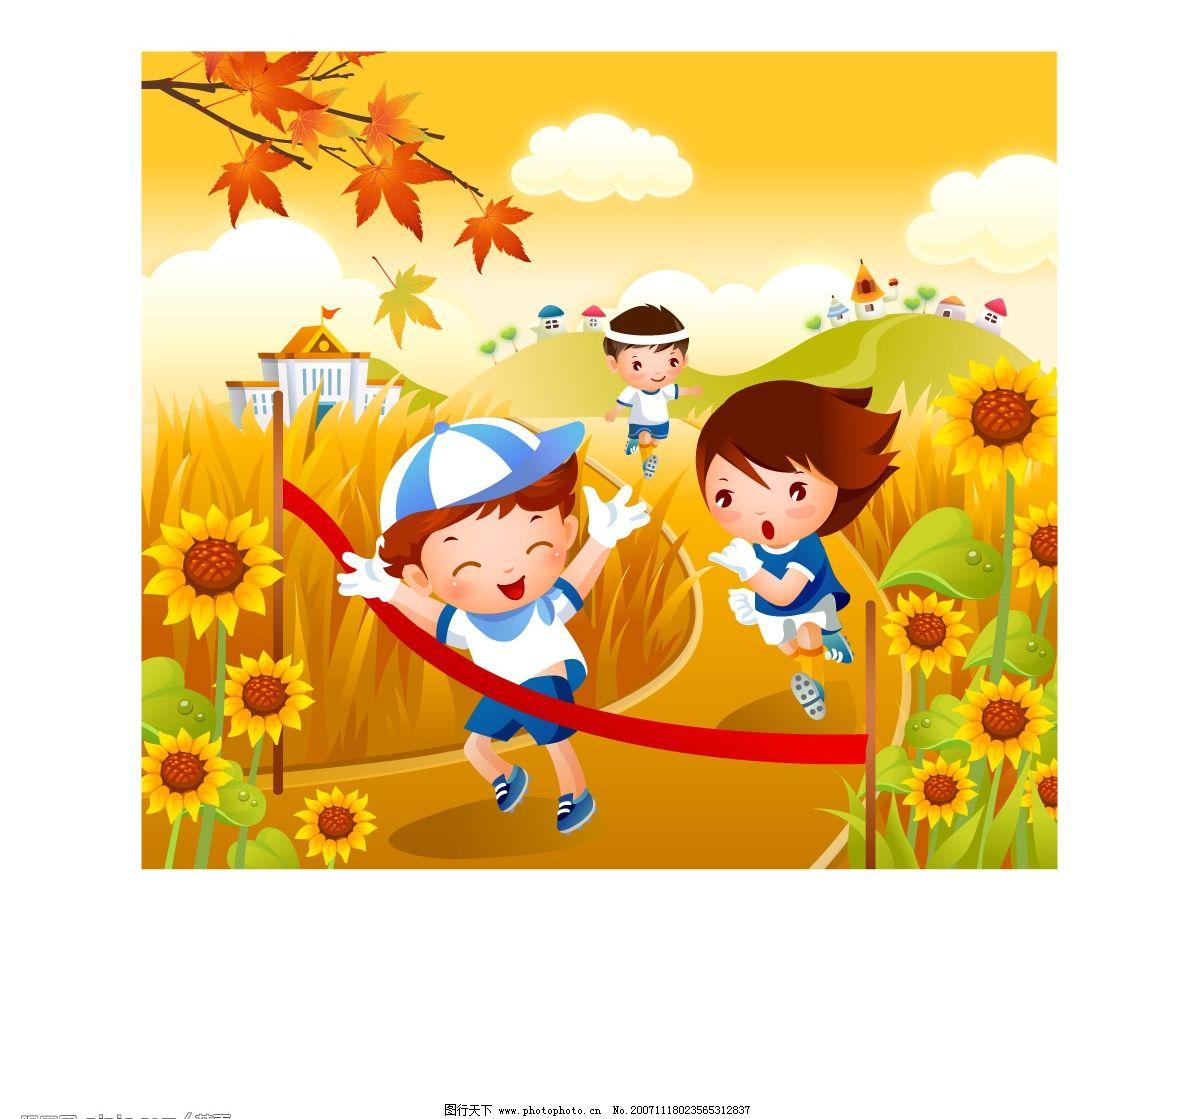 可爱儿童运动图片 儿童 运动 矢量图AI格式 矢量人物 儿童幼儿 矢量